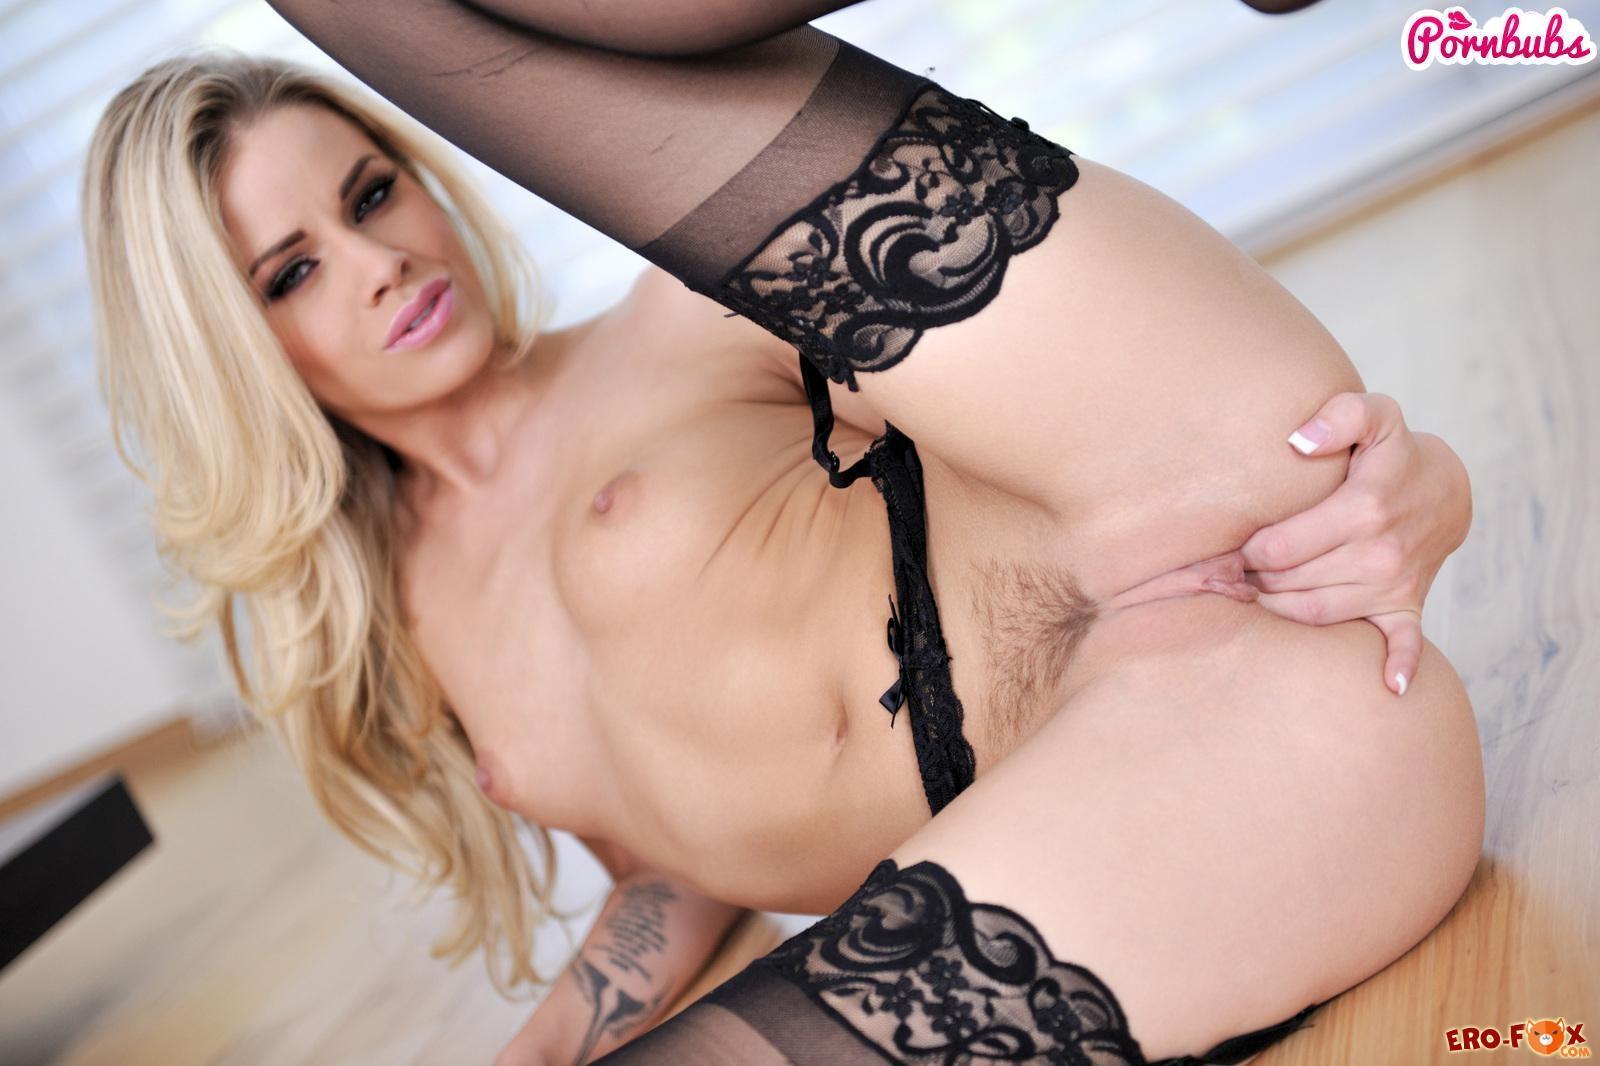 Блондинка в чулках мастурбирует свою писю  эротика